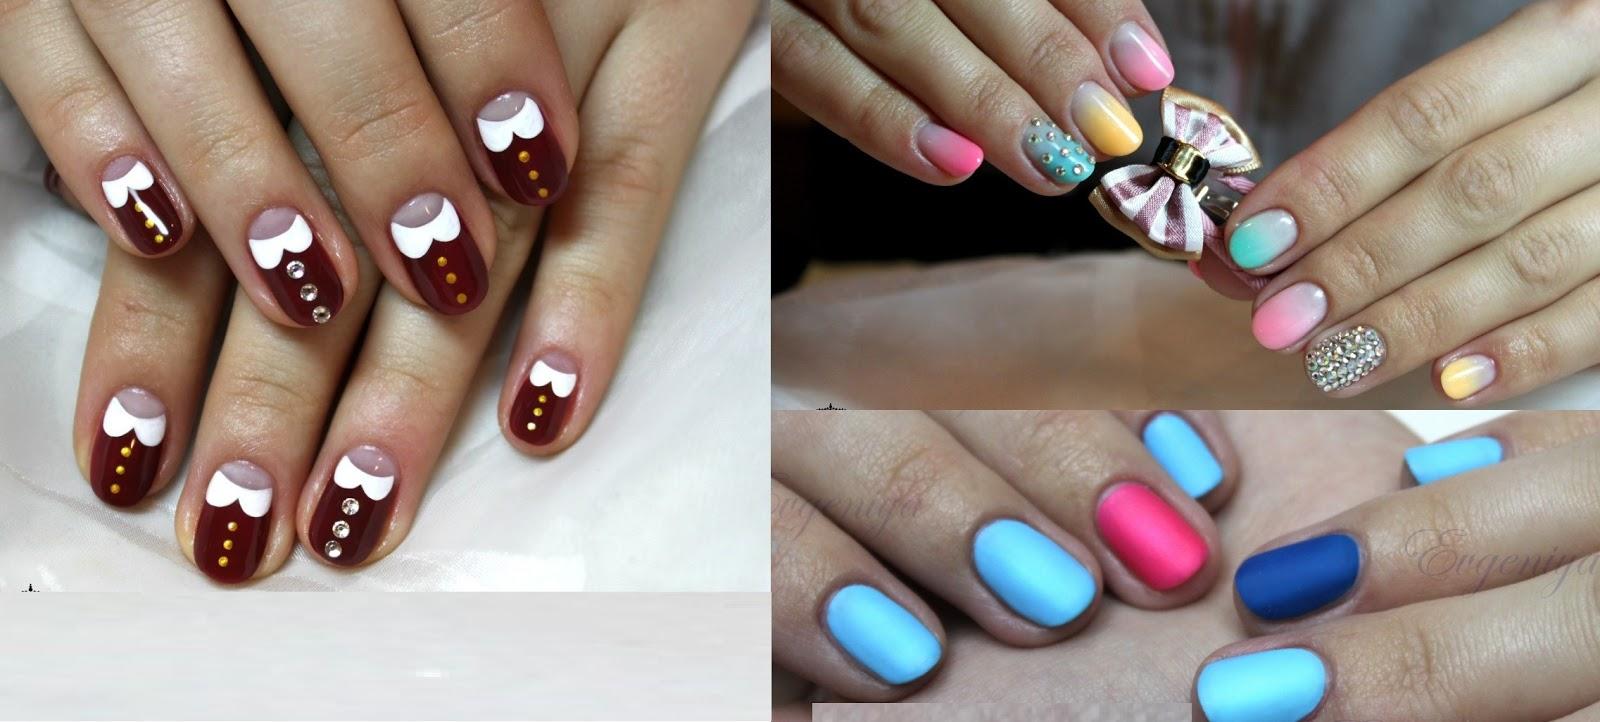 Простые идеи дизайна ногтей гель лаком фото новинки